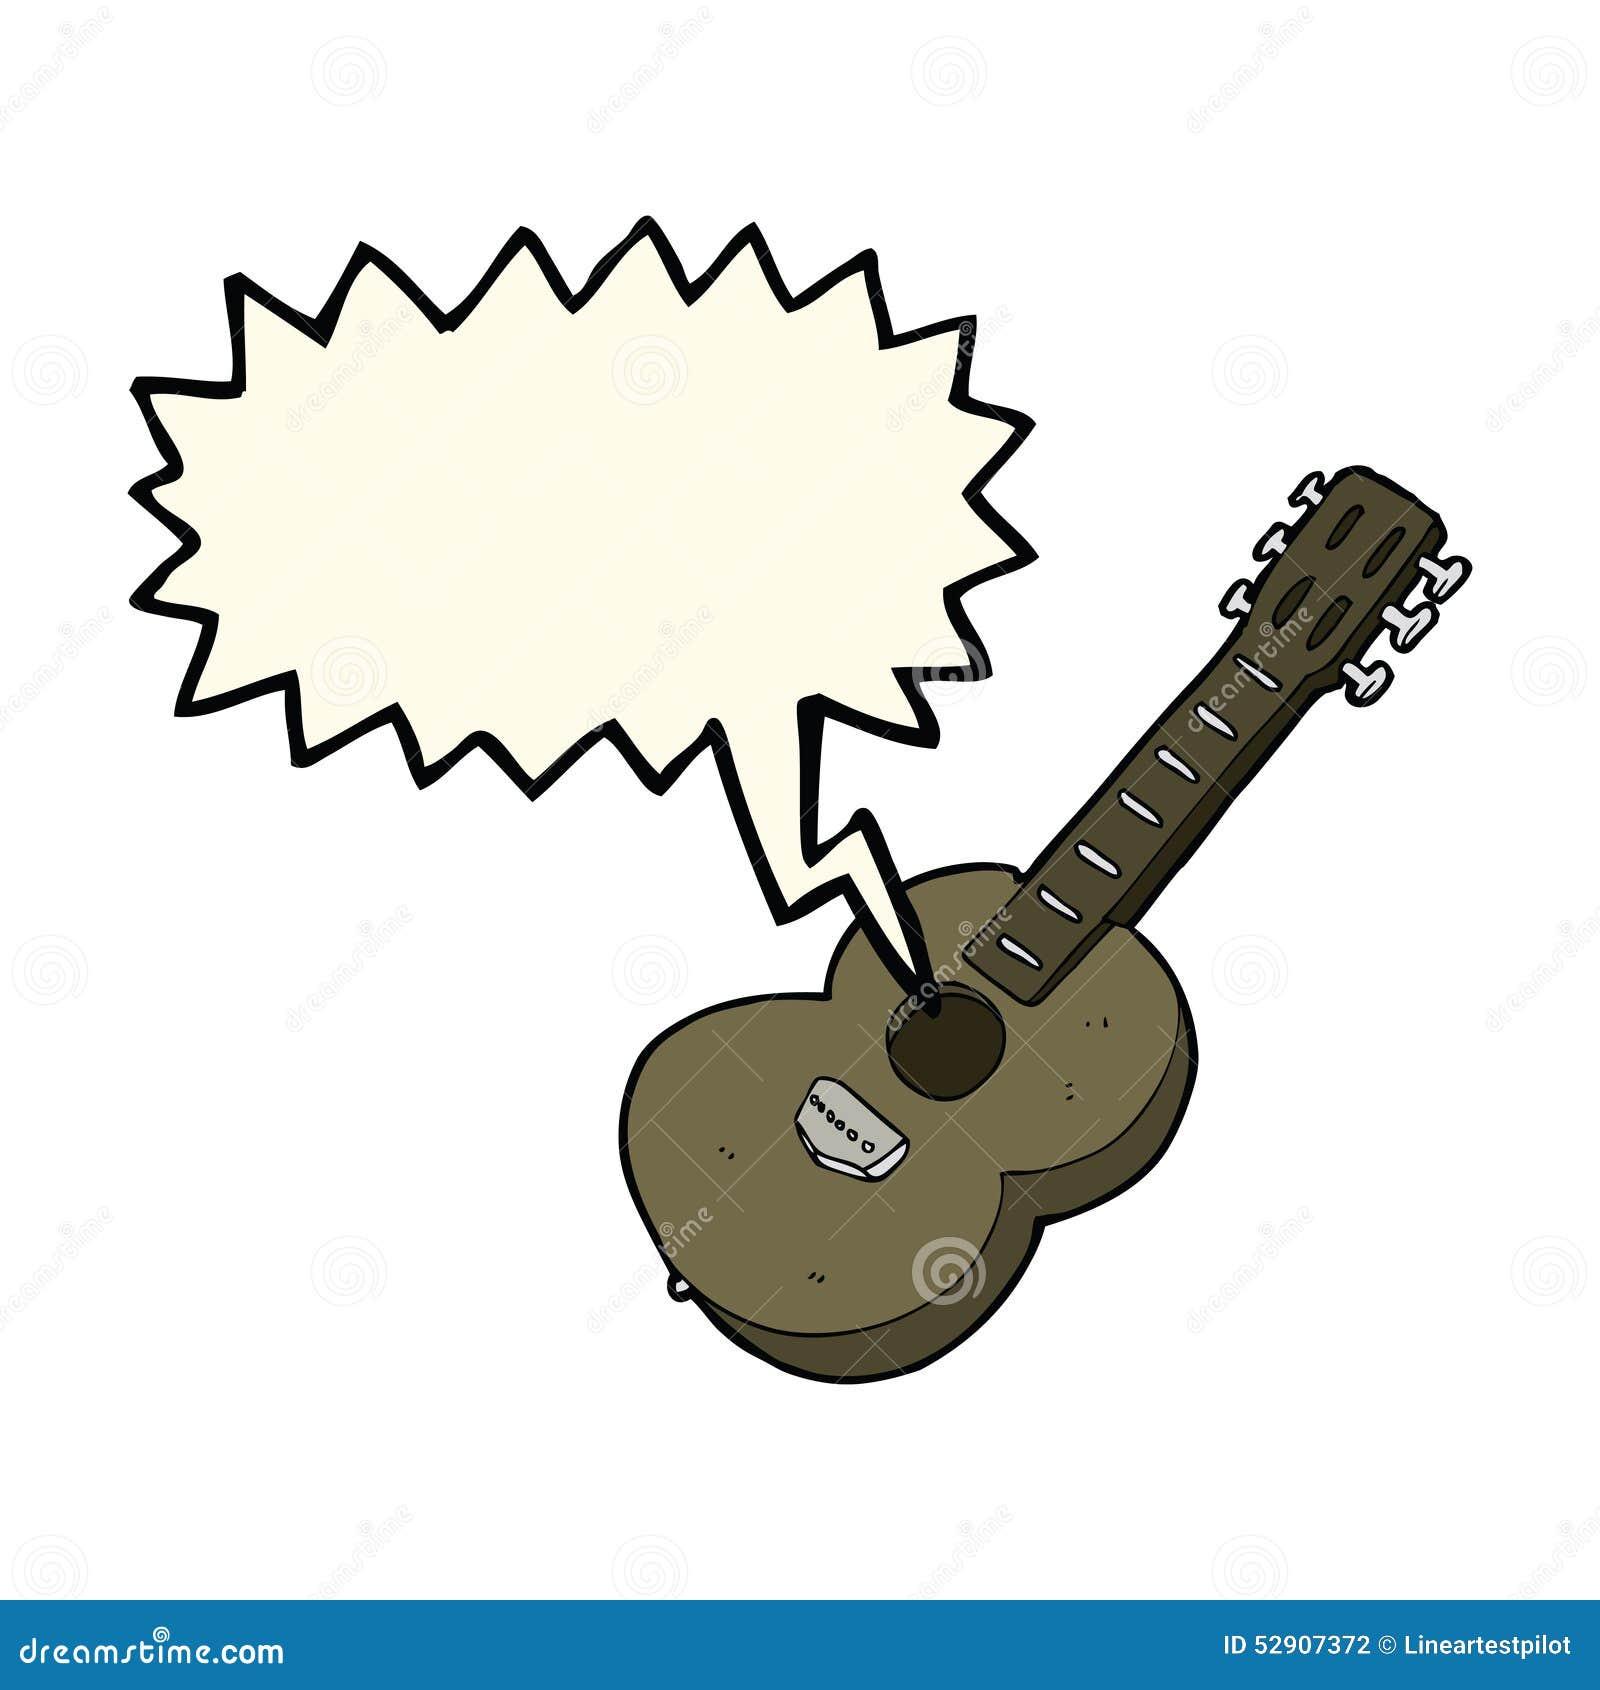 Motivational speech Play musical instruments